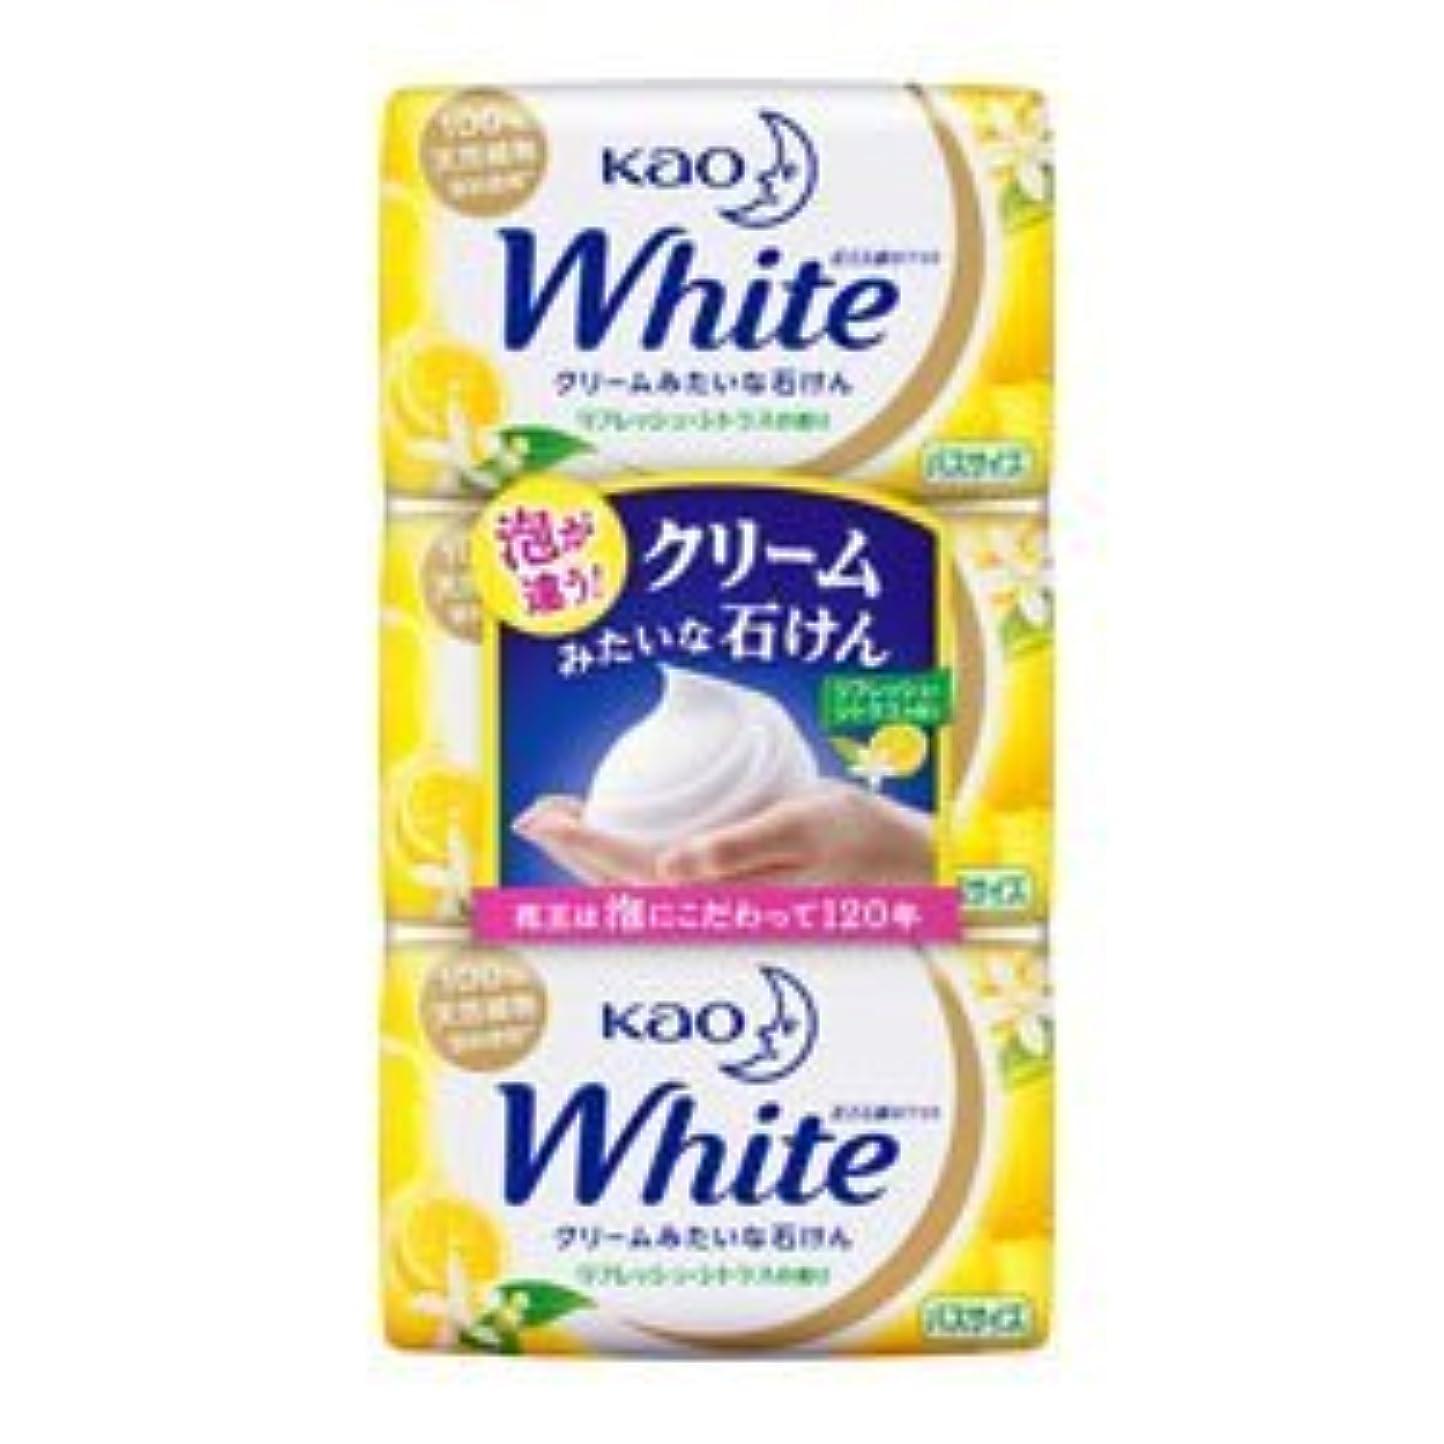 【花王】ホワイト リフレッシュ?シトラスの香り バスサイズ 130g×3個入 ×3個セット